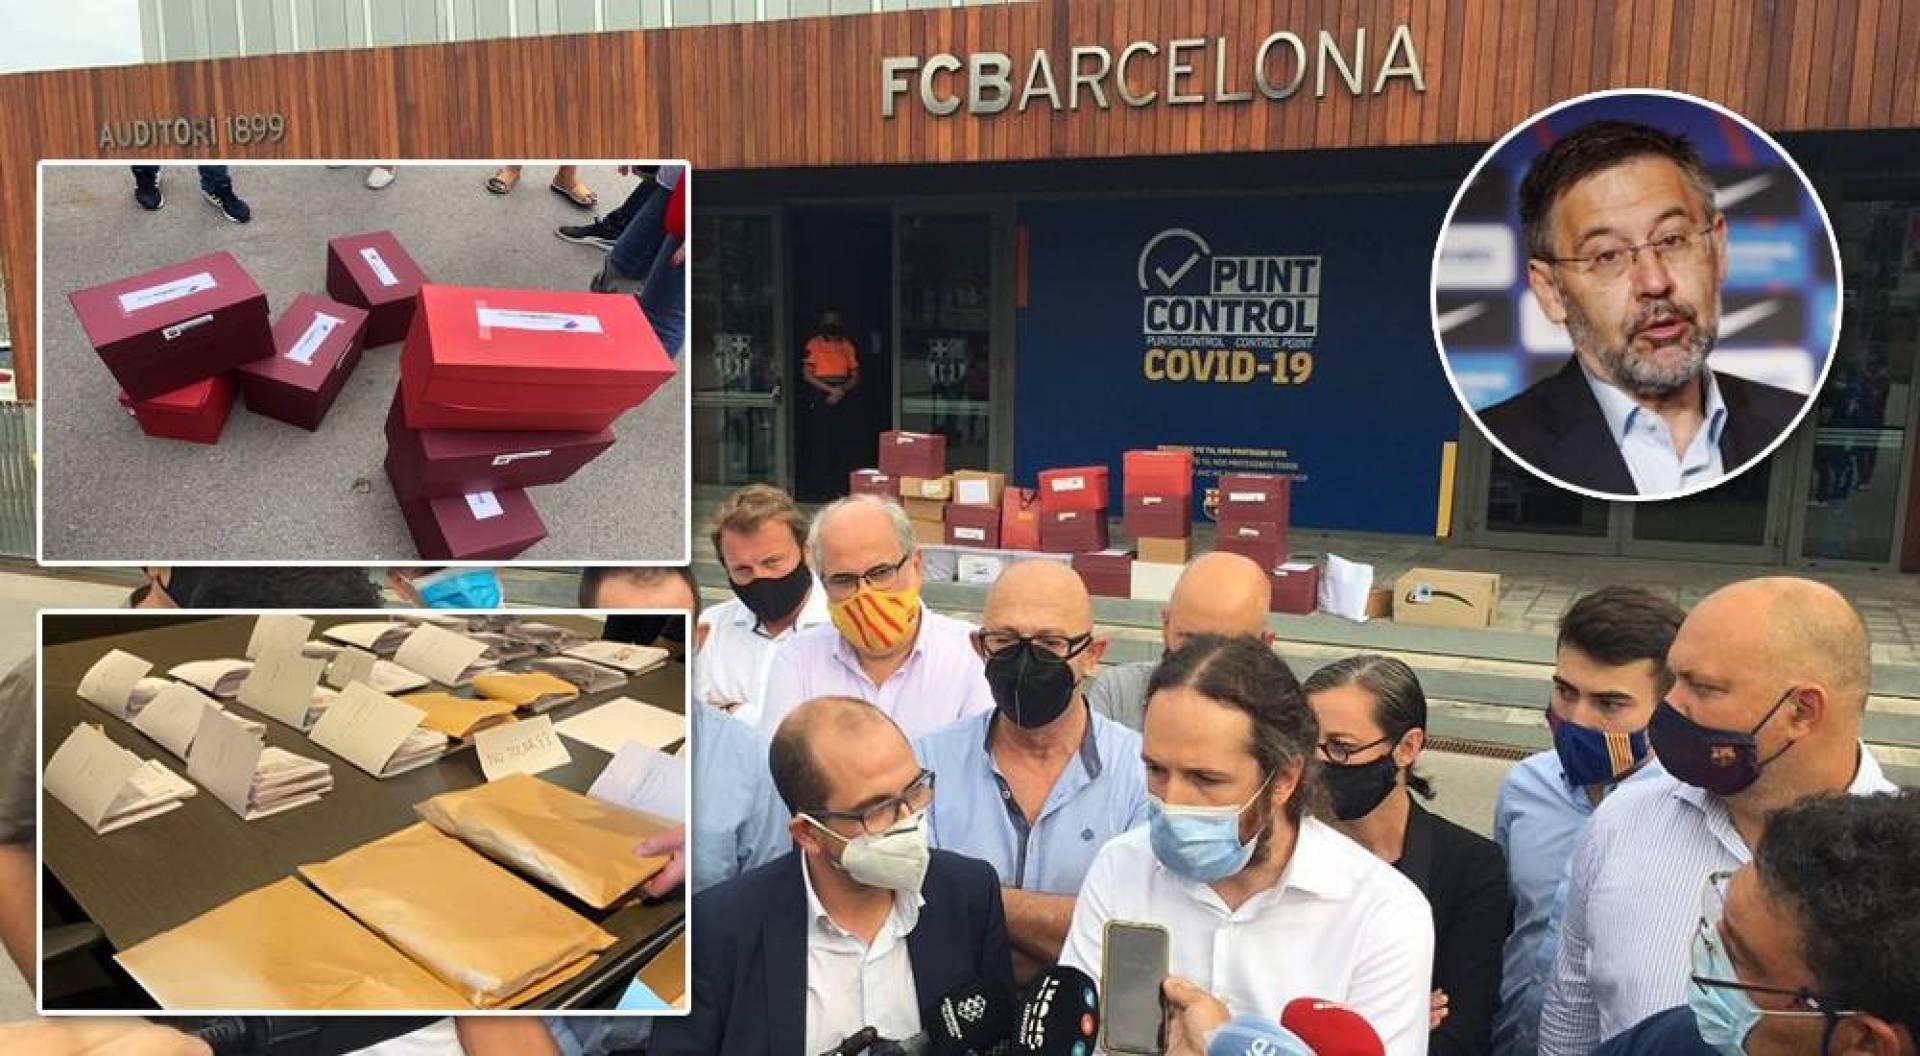 رئيس برشلونة يقترب من الرحيل.. حملة حجب الثقة عن بارتوميو تنجح بجمع 20731 توقيعاً